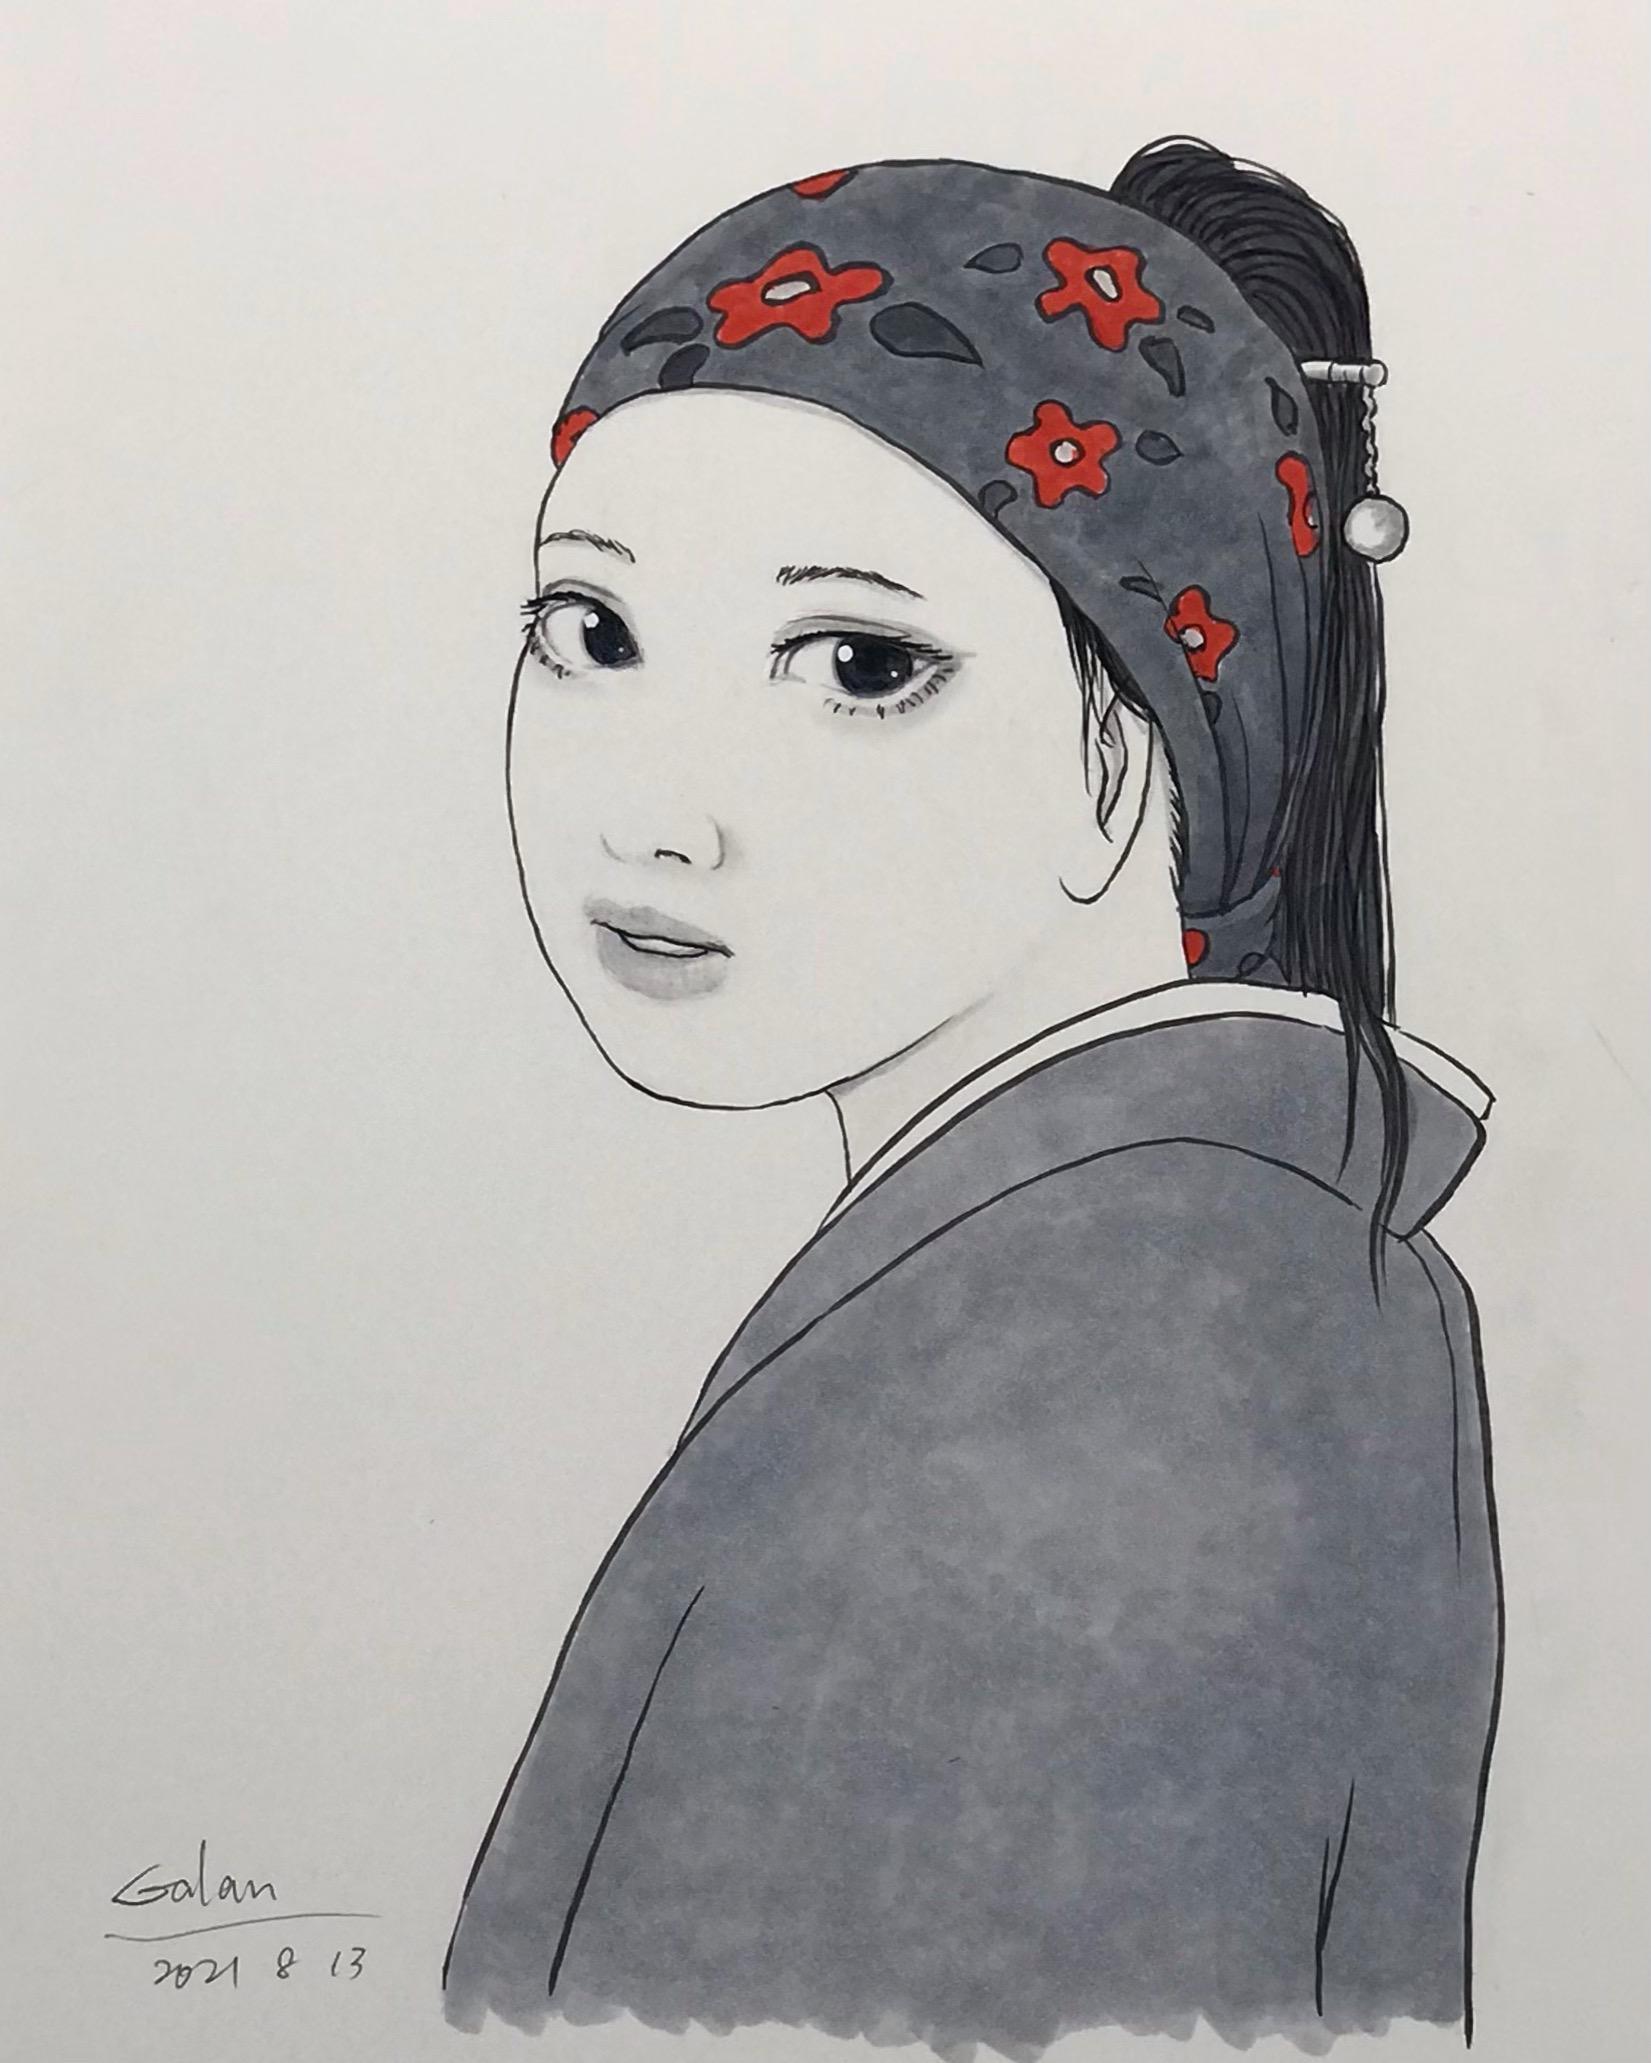 真珠の髪飾りの少女2021 VERMEER